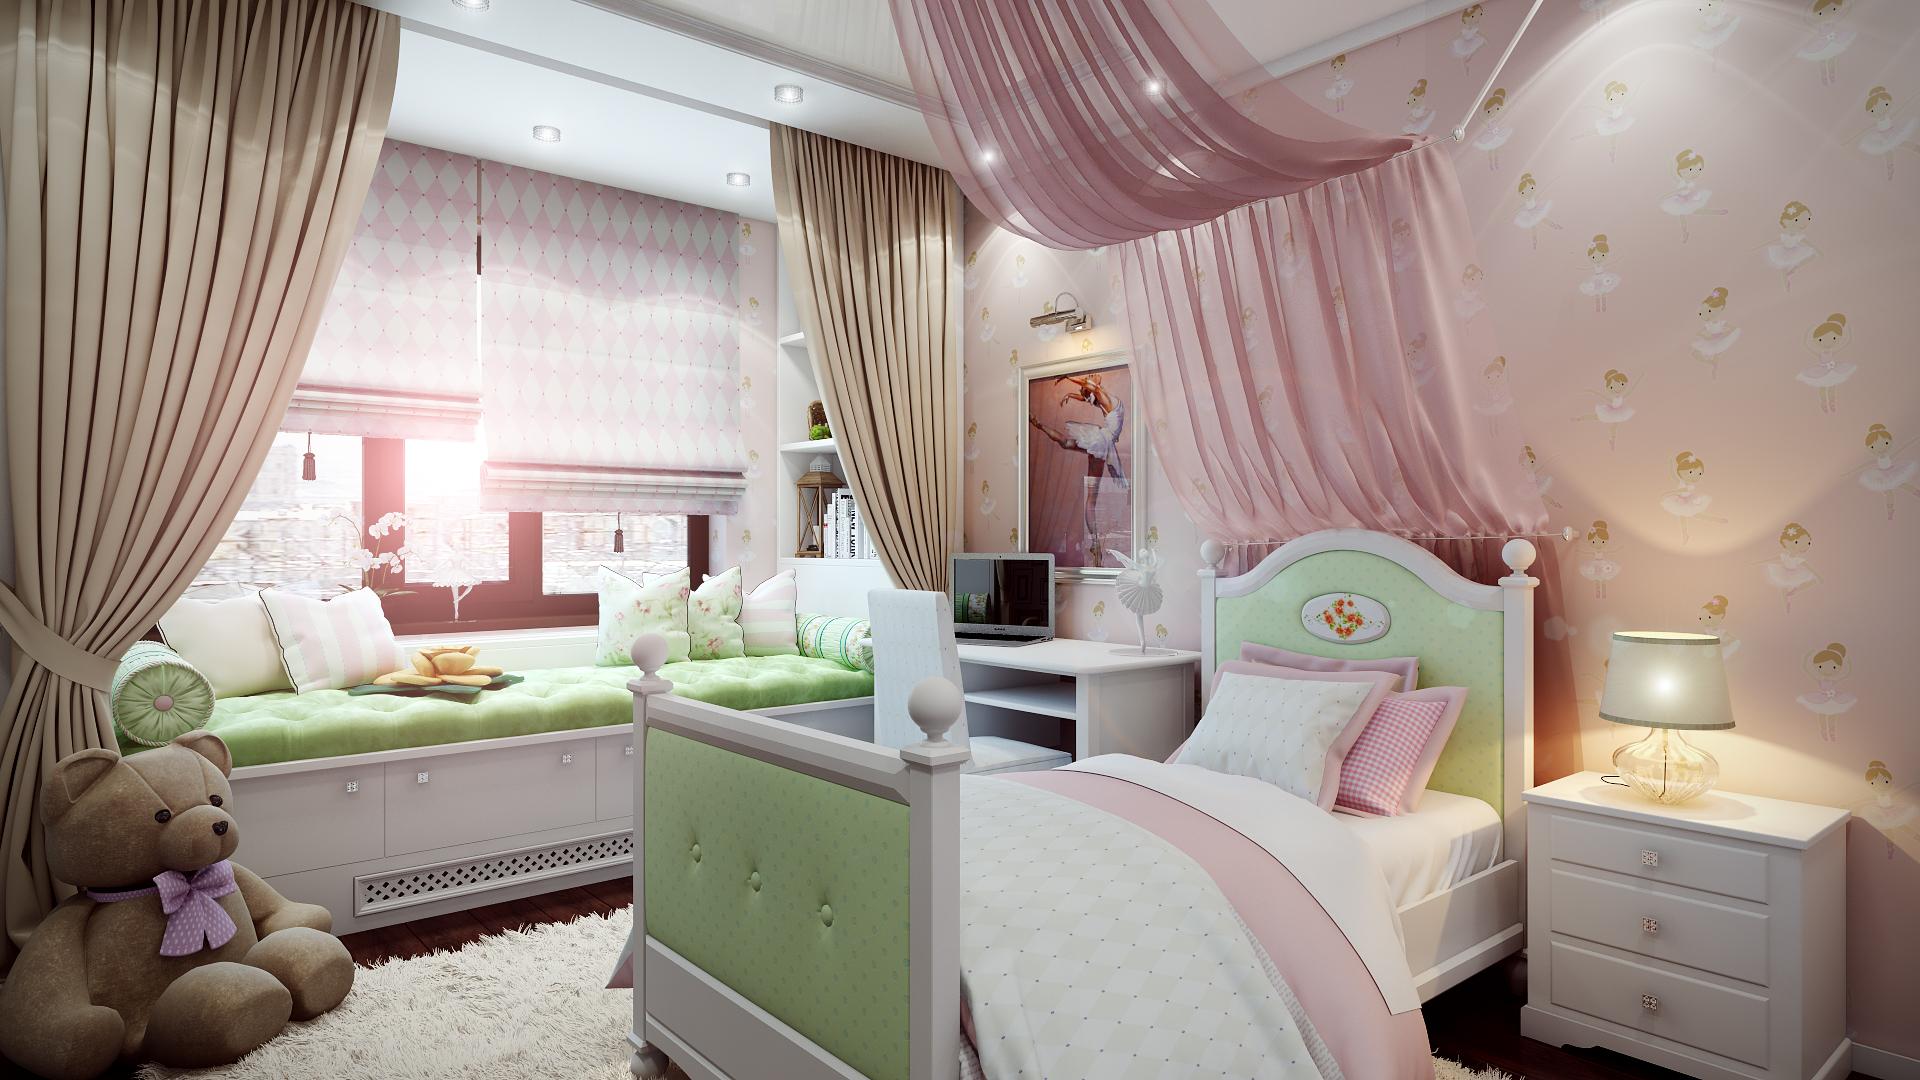 Дизайн детской спальни в нежных тонах